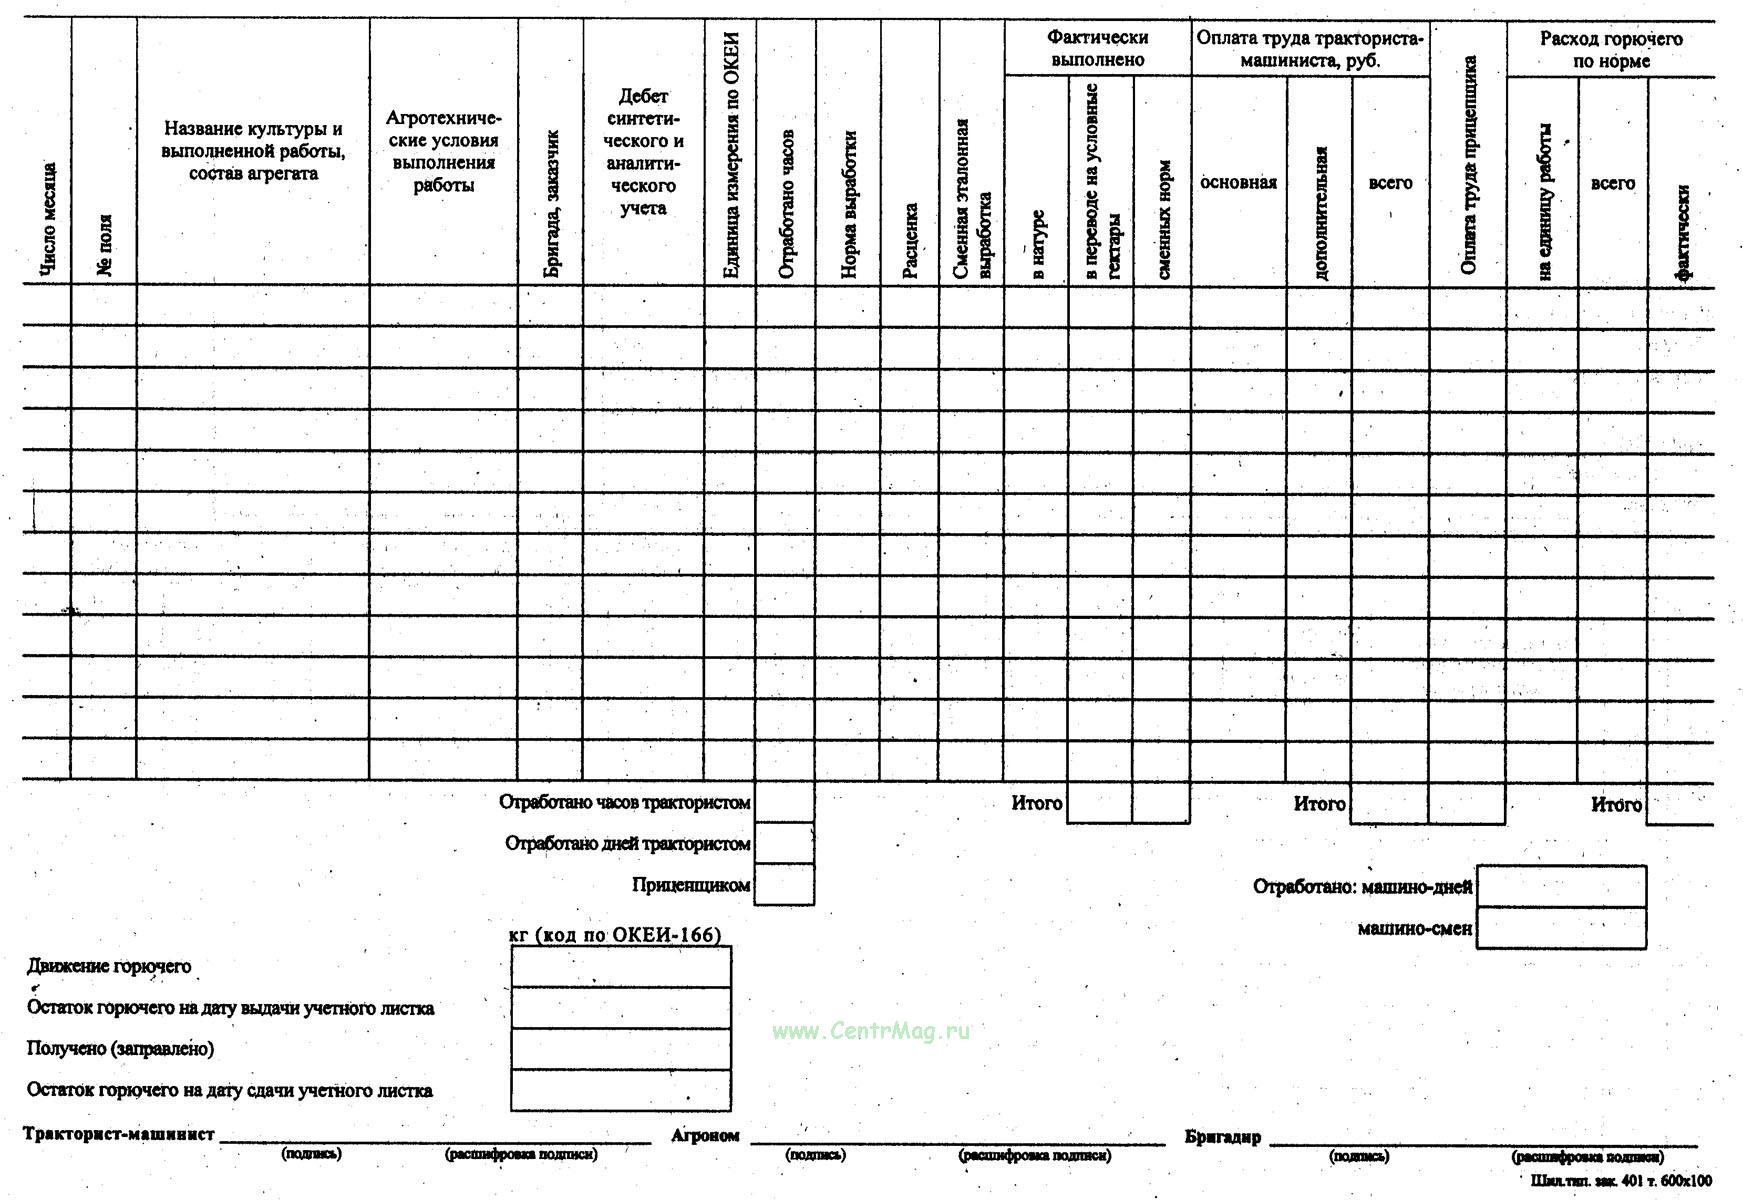 Учетный Лист Тракториста-машиниста Форма 411-апк - картинка 1